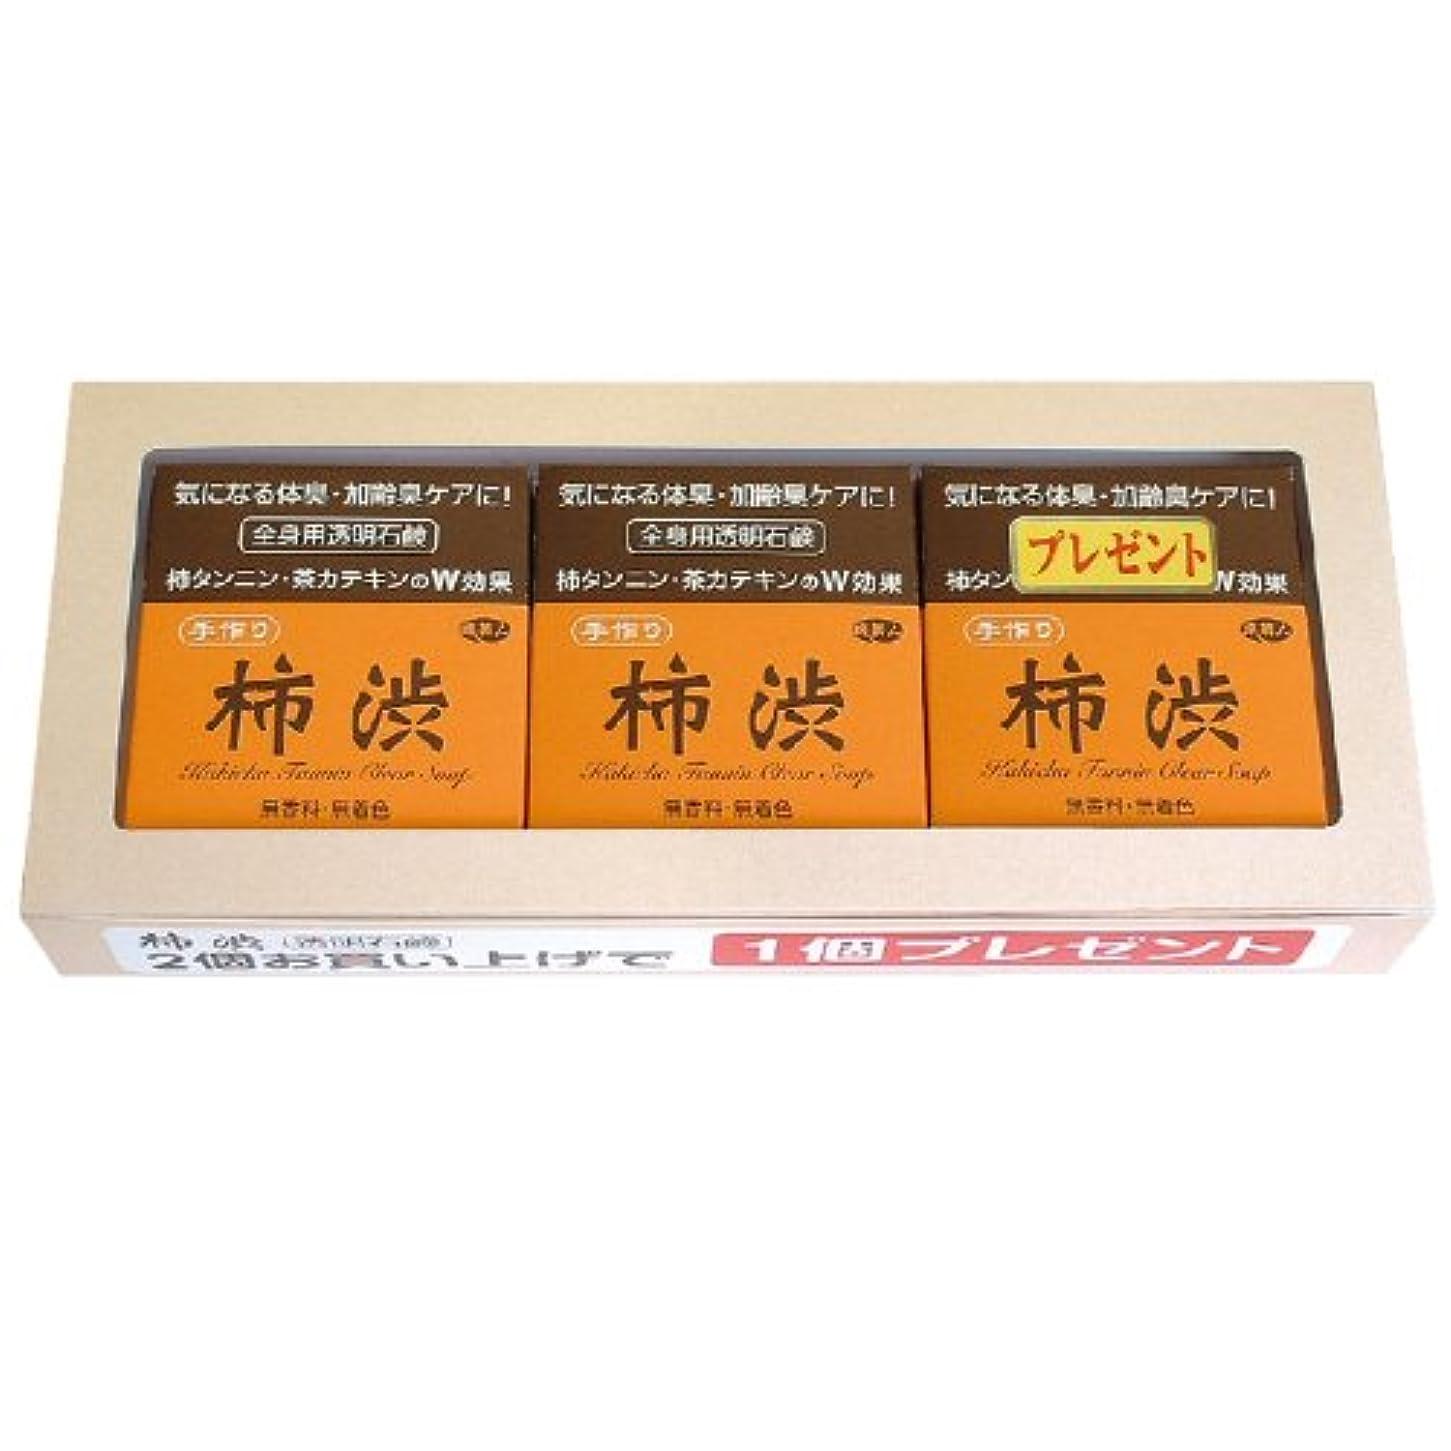 いじめっ子破滅理想的にはアズマ商事の 柿渋透明石鹸 2個の値段で3個入りセット